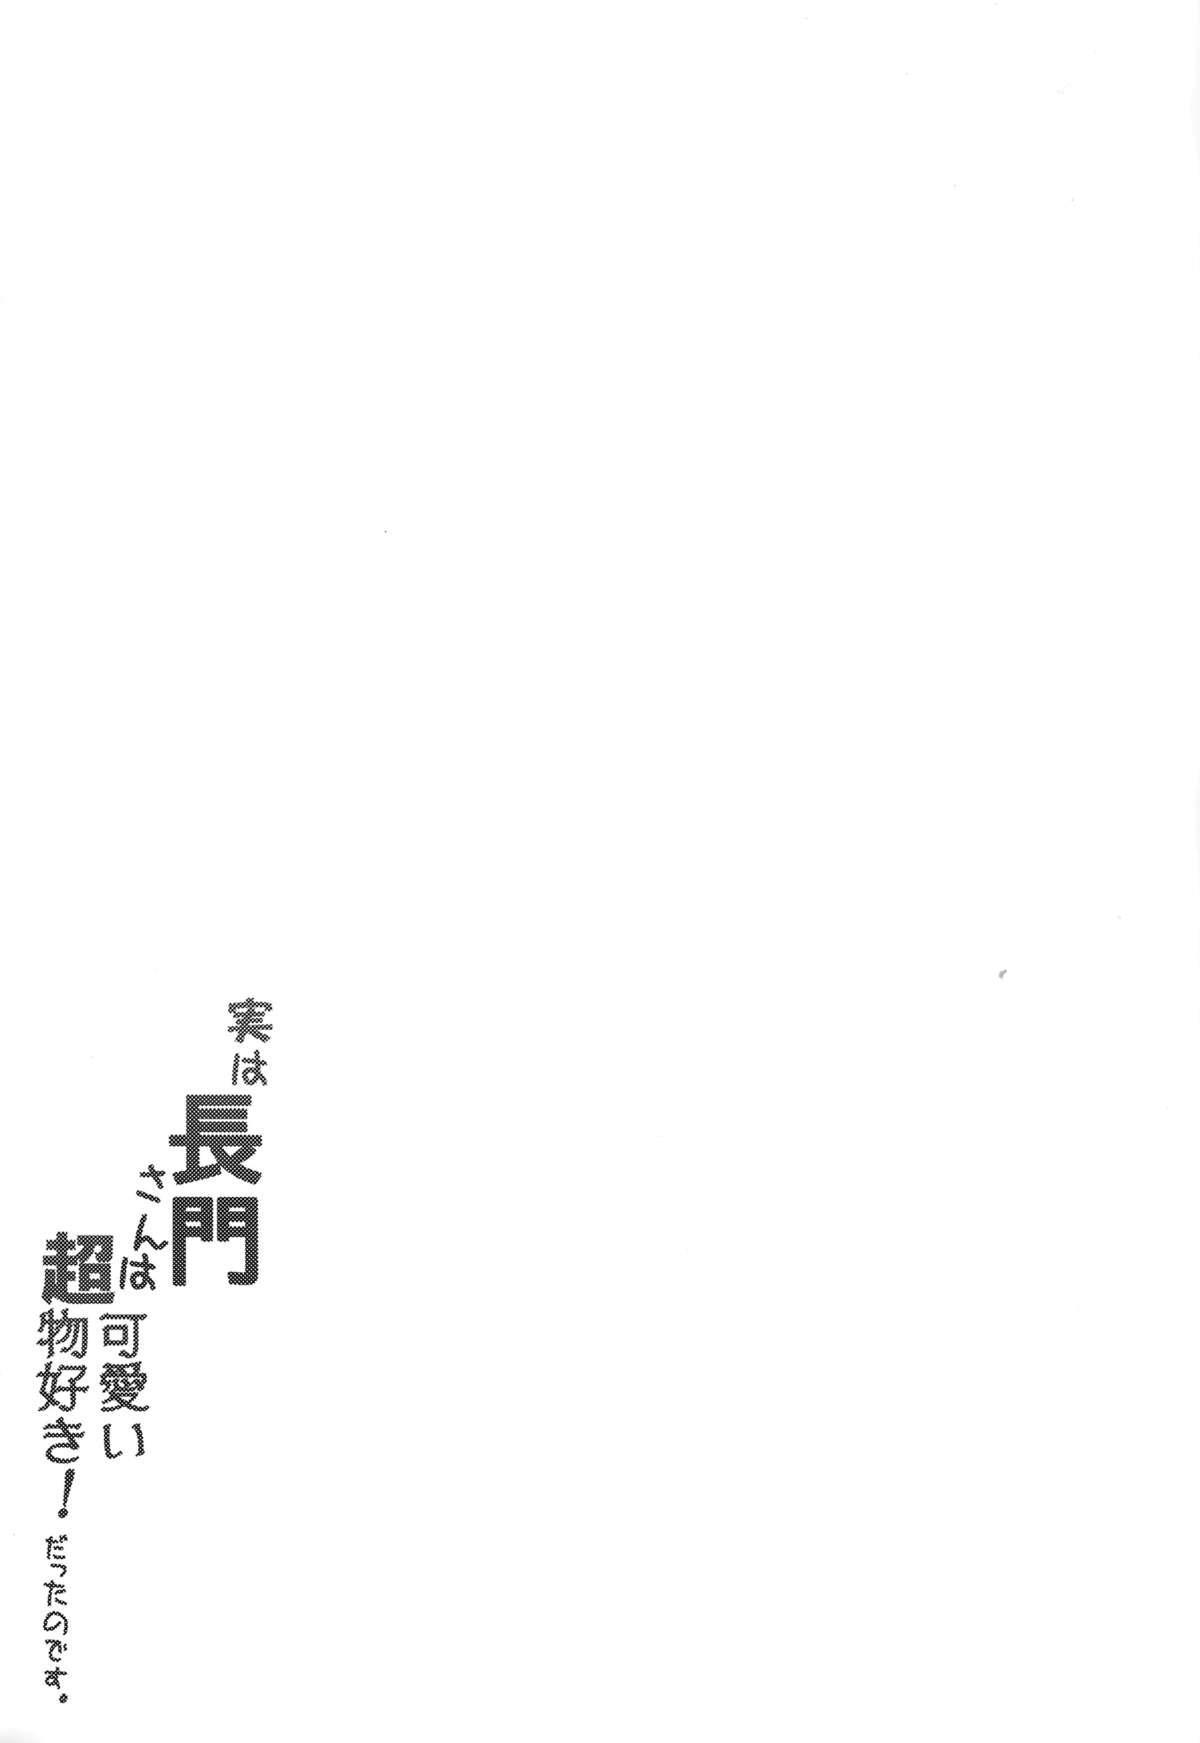 Jitsu wa Nagato-san wa Chou Kawaii Mono Suki! Datta no desu. 21